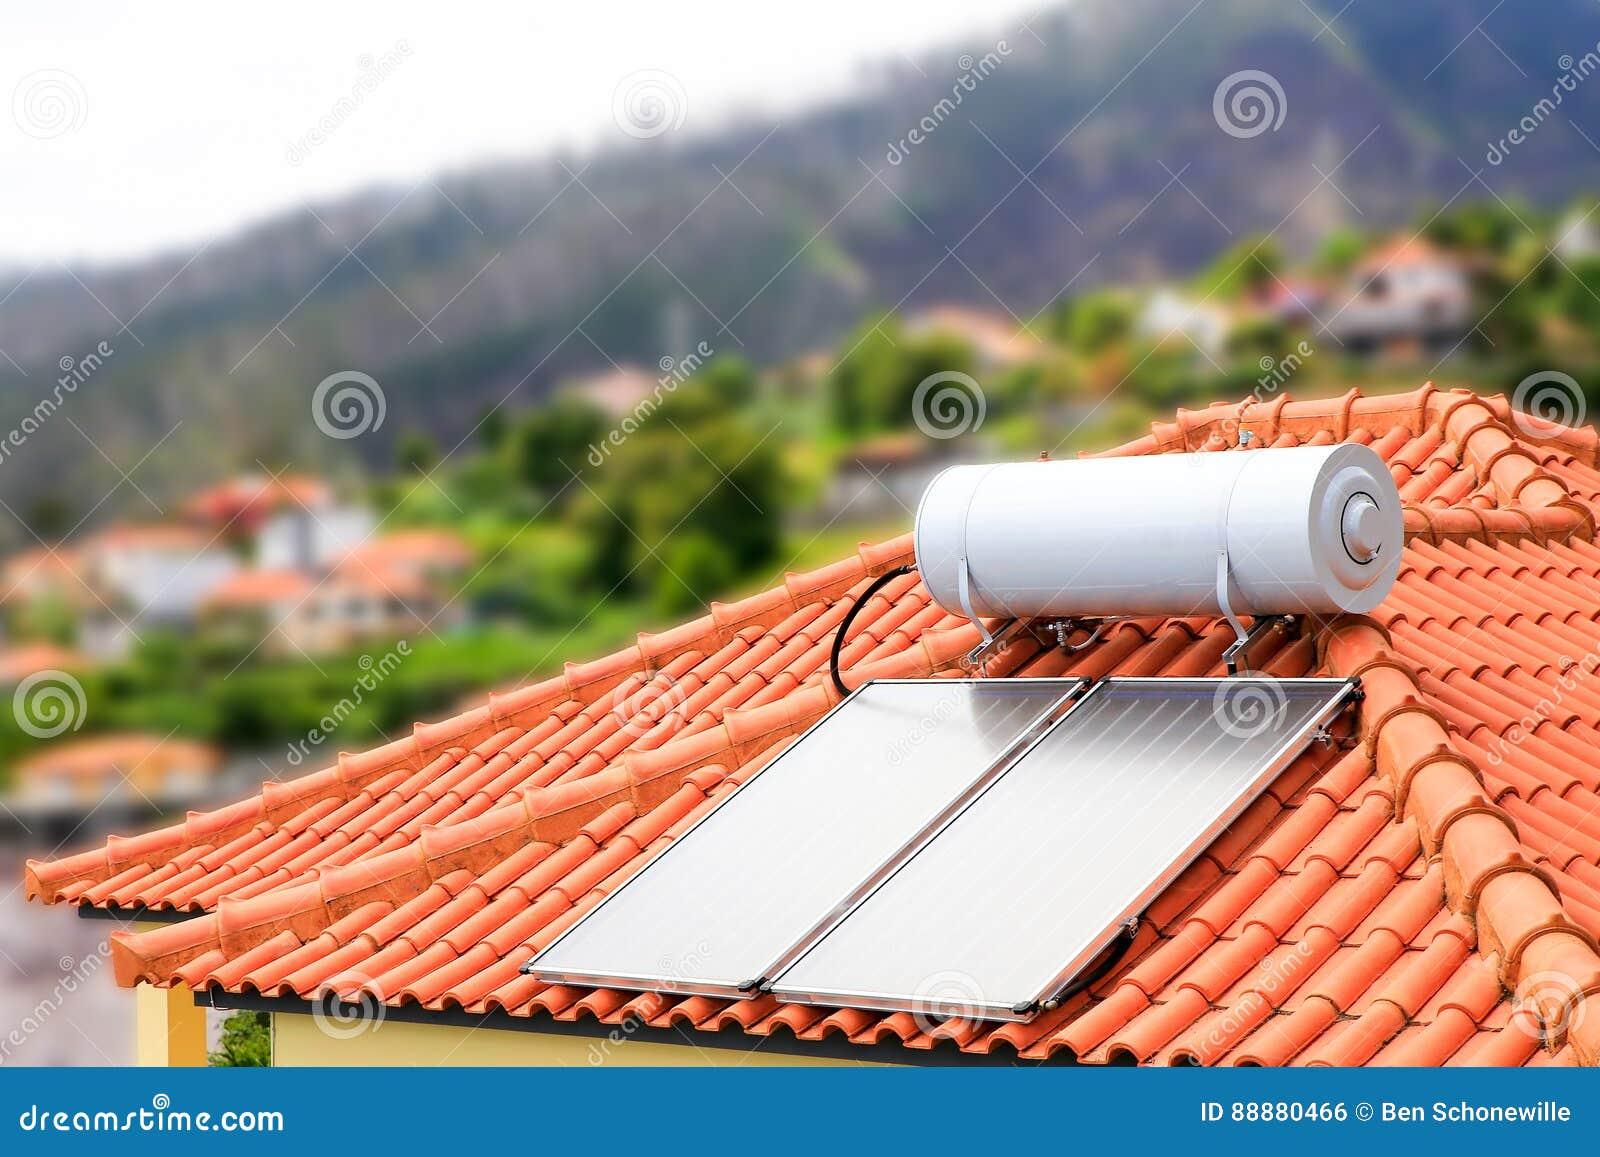 Termo con los paneles solares en el tejado de la casa foto de archivo imagen de producto casa - La casa en el tejado ...